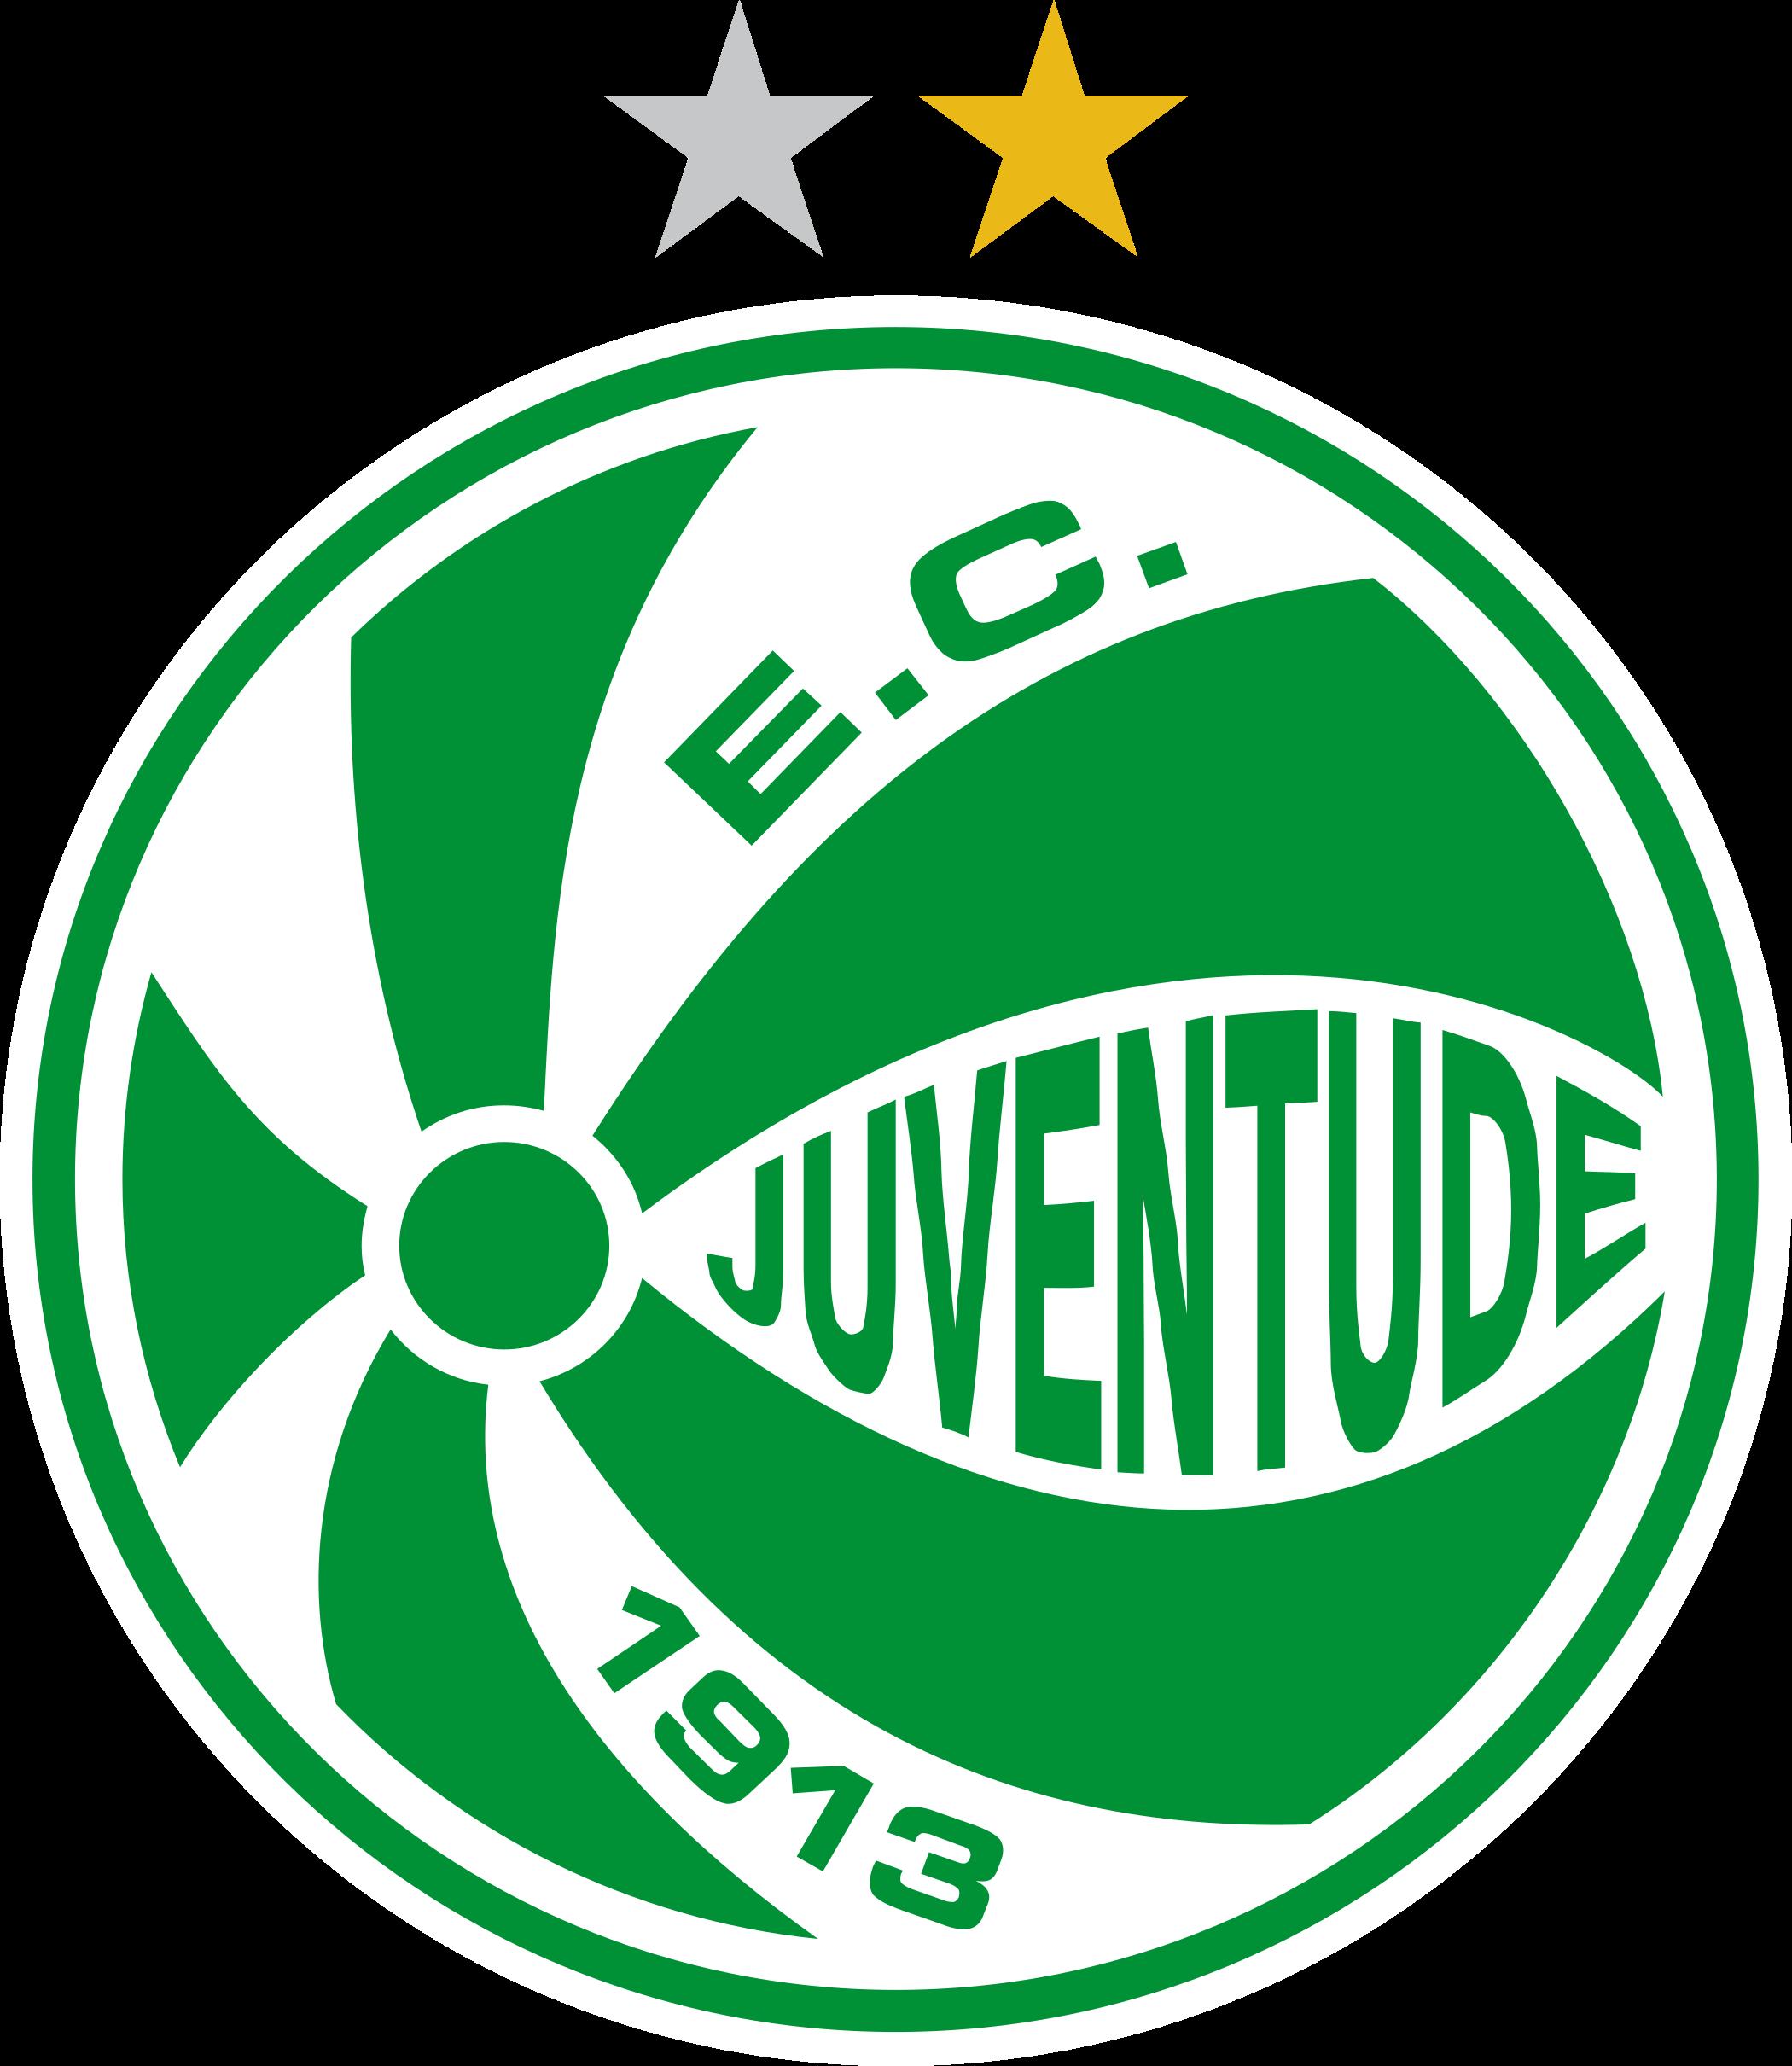 EC Juventude Logo, Escudo.